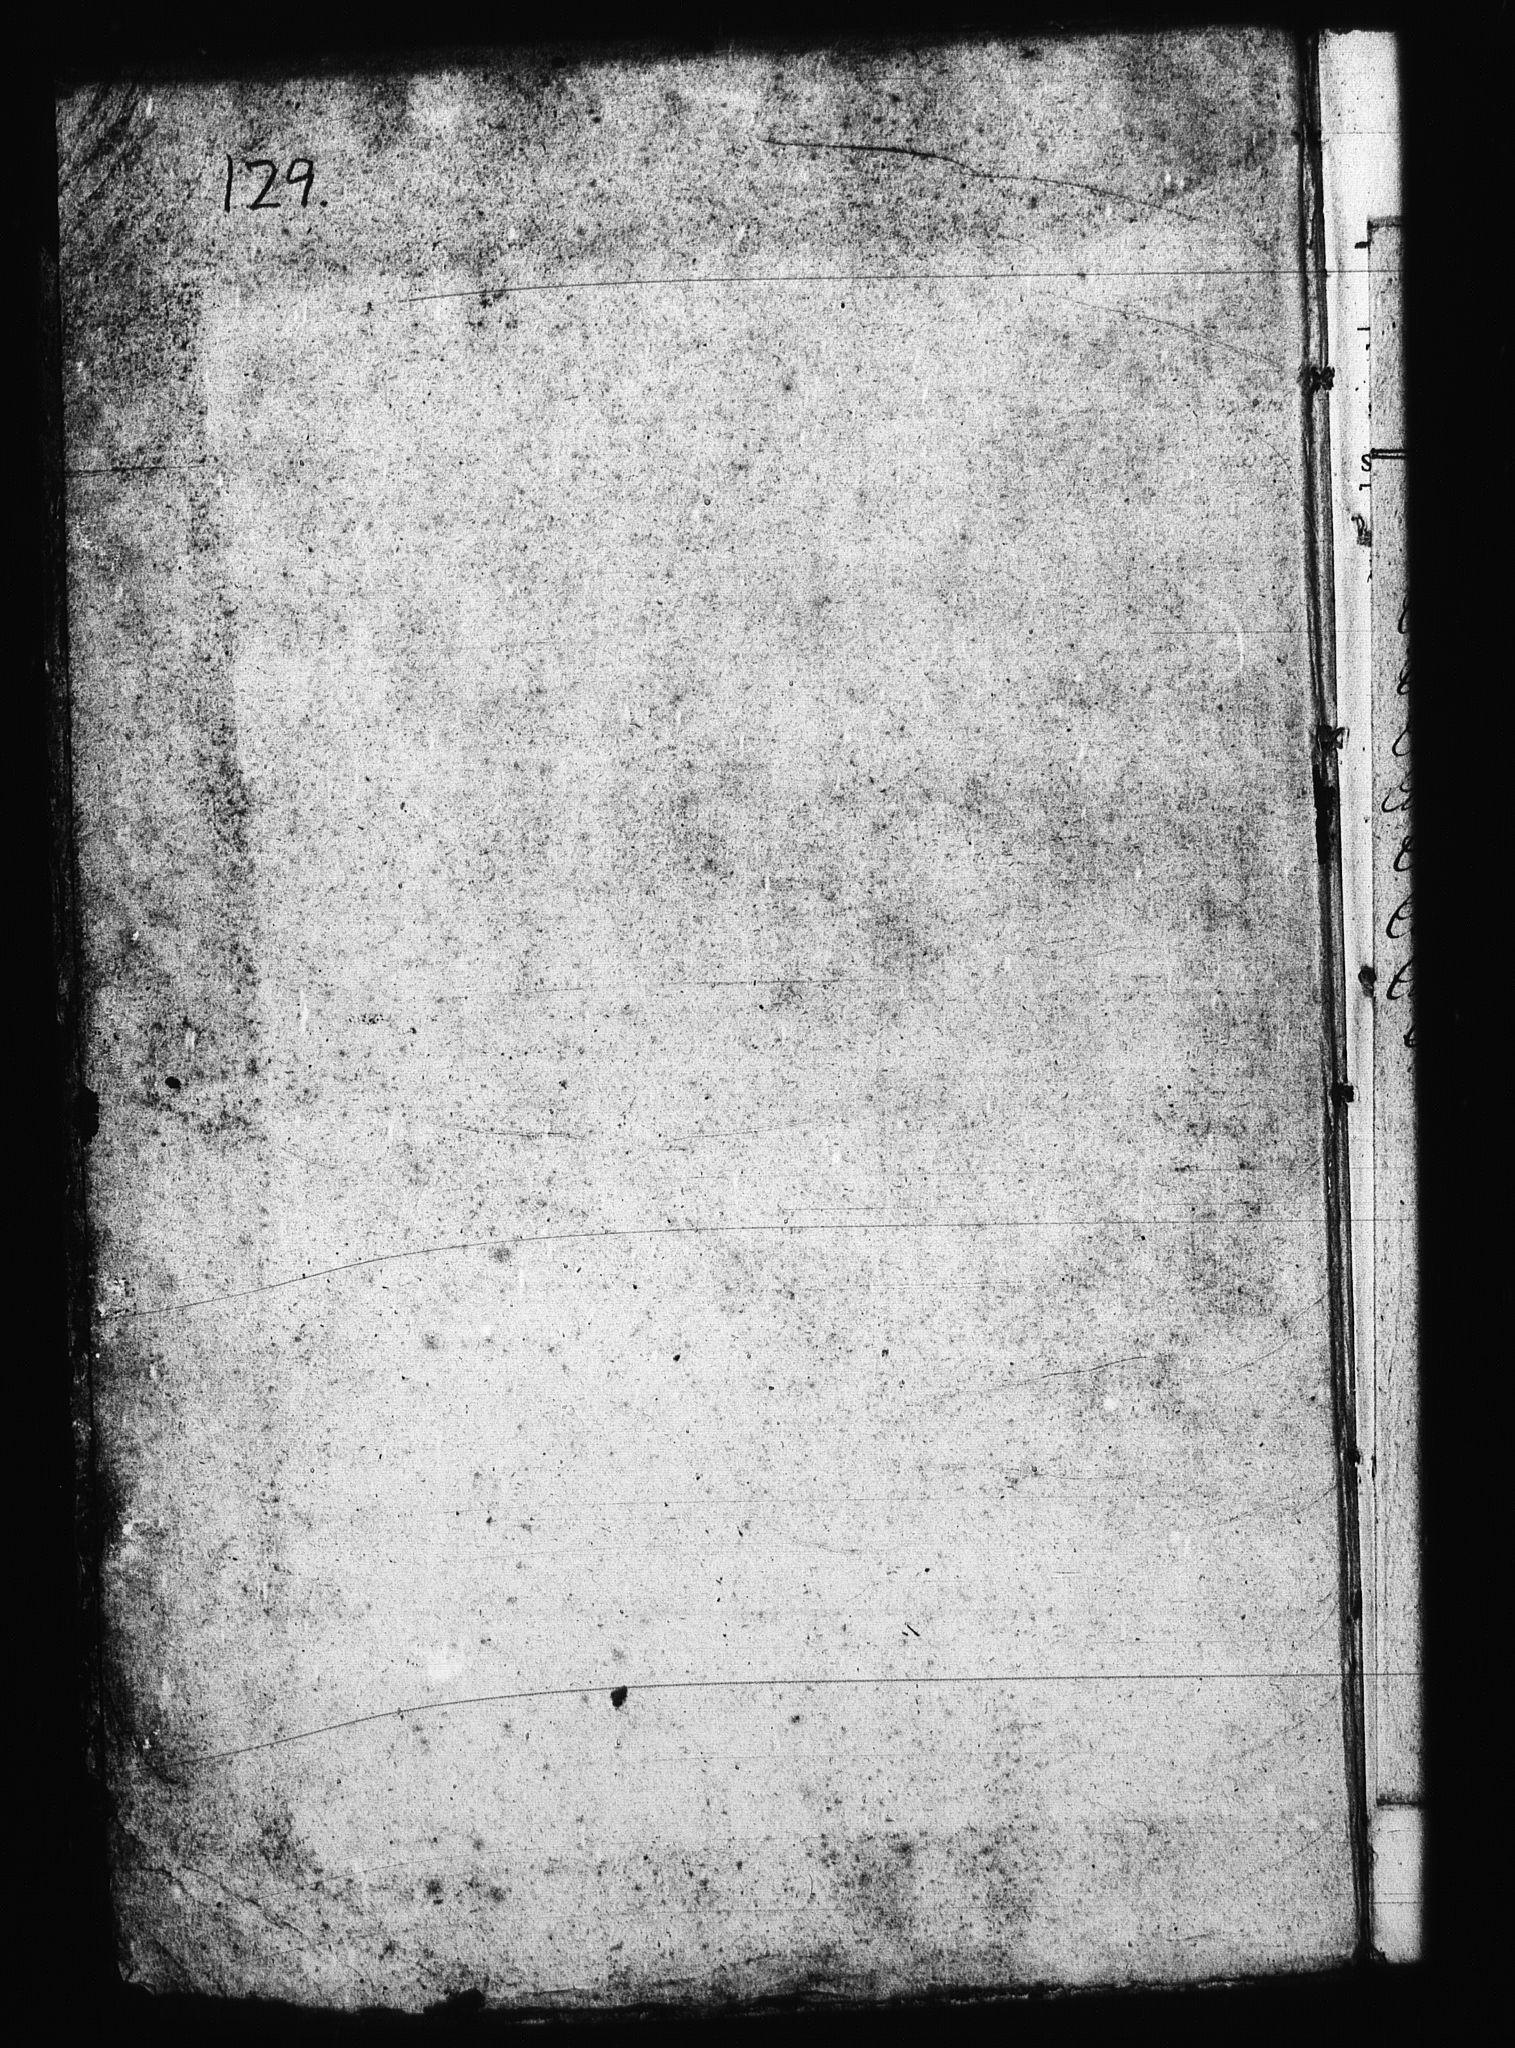 RA, Sjøetaten, F/L0130: Bragernes distrikt, bind 3, 1800